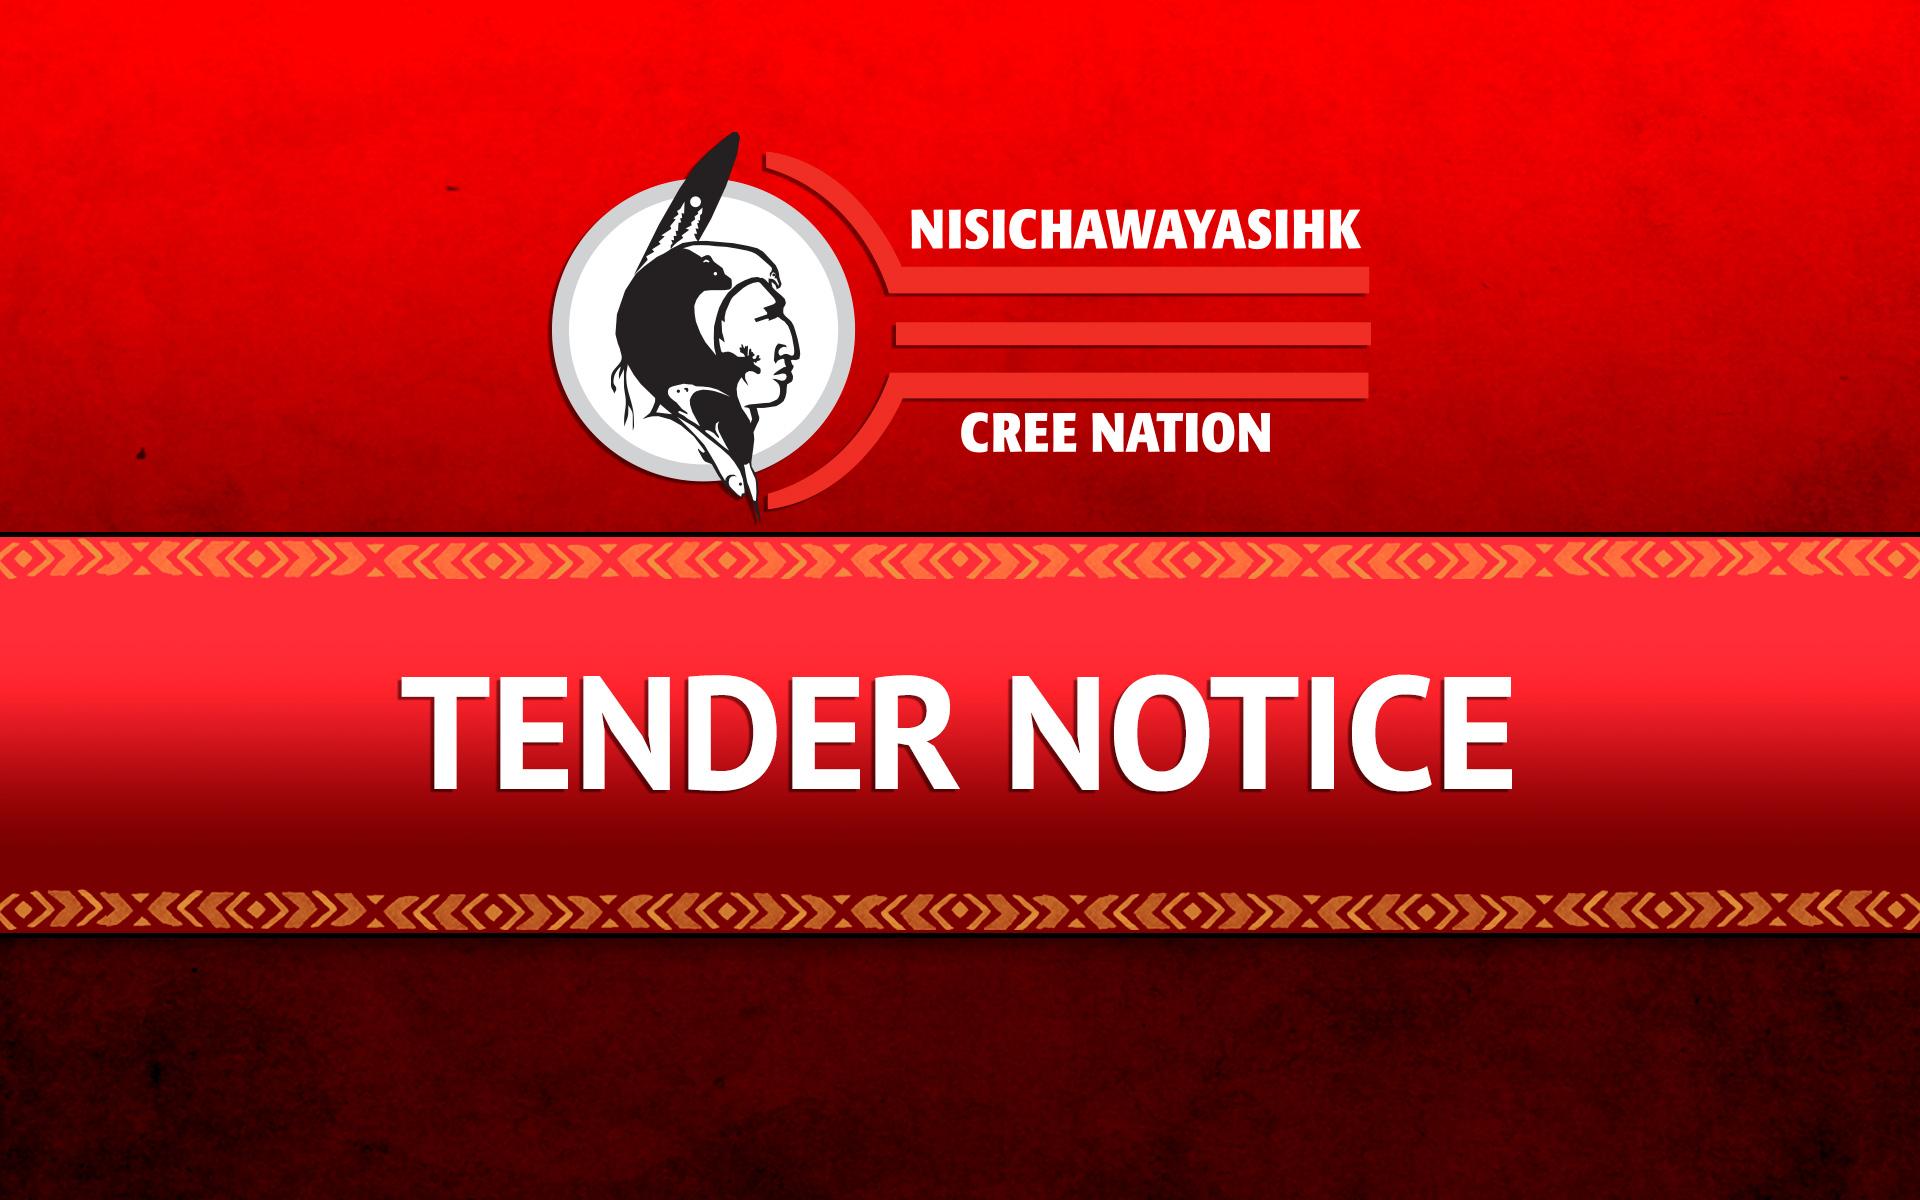 NCN Tender Notice